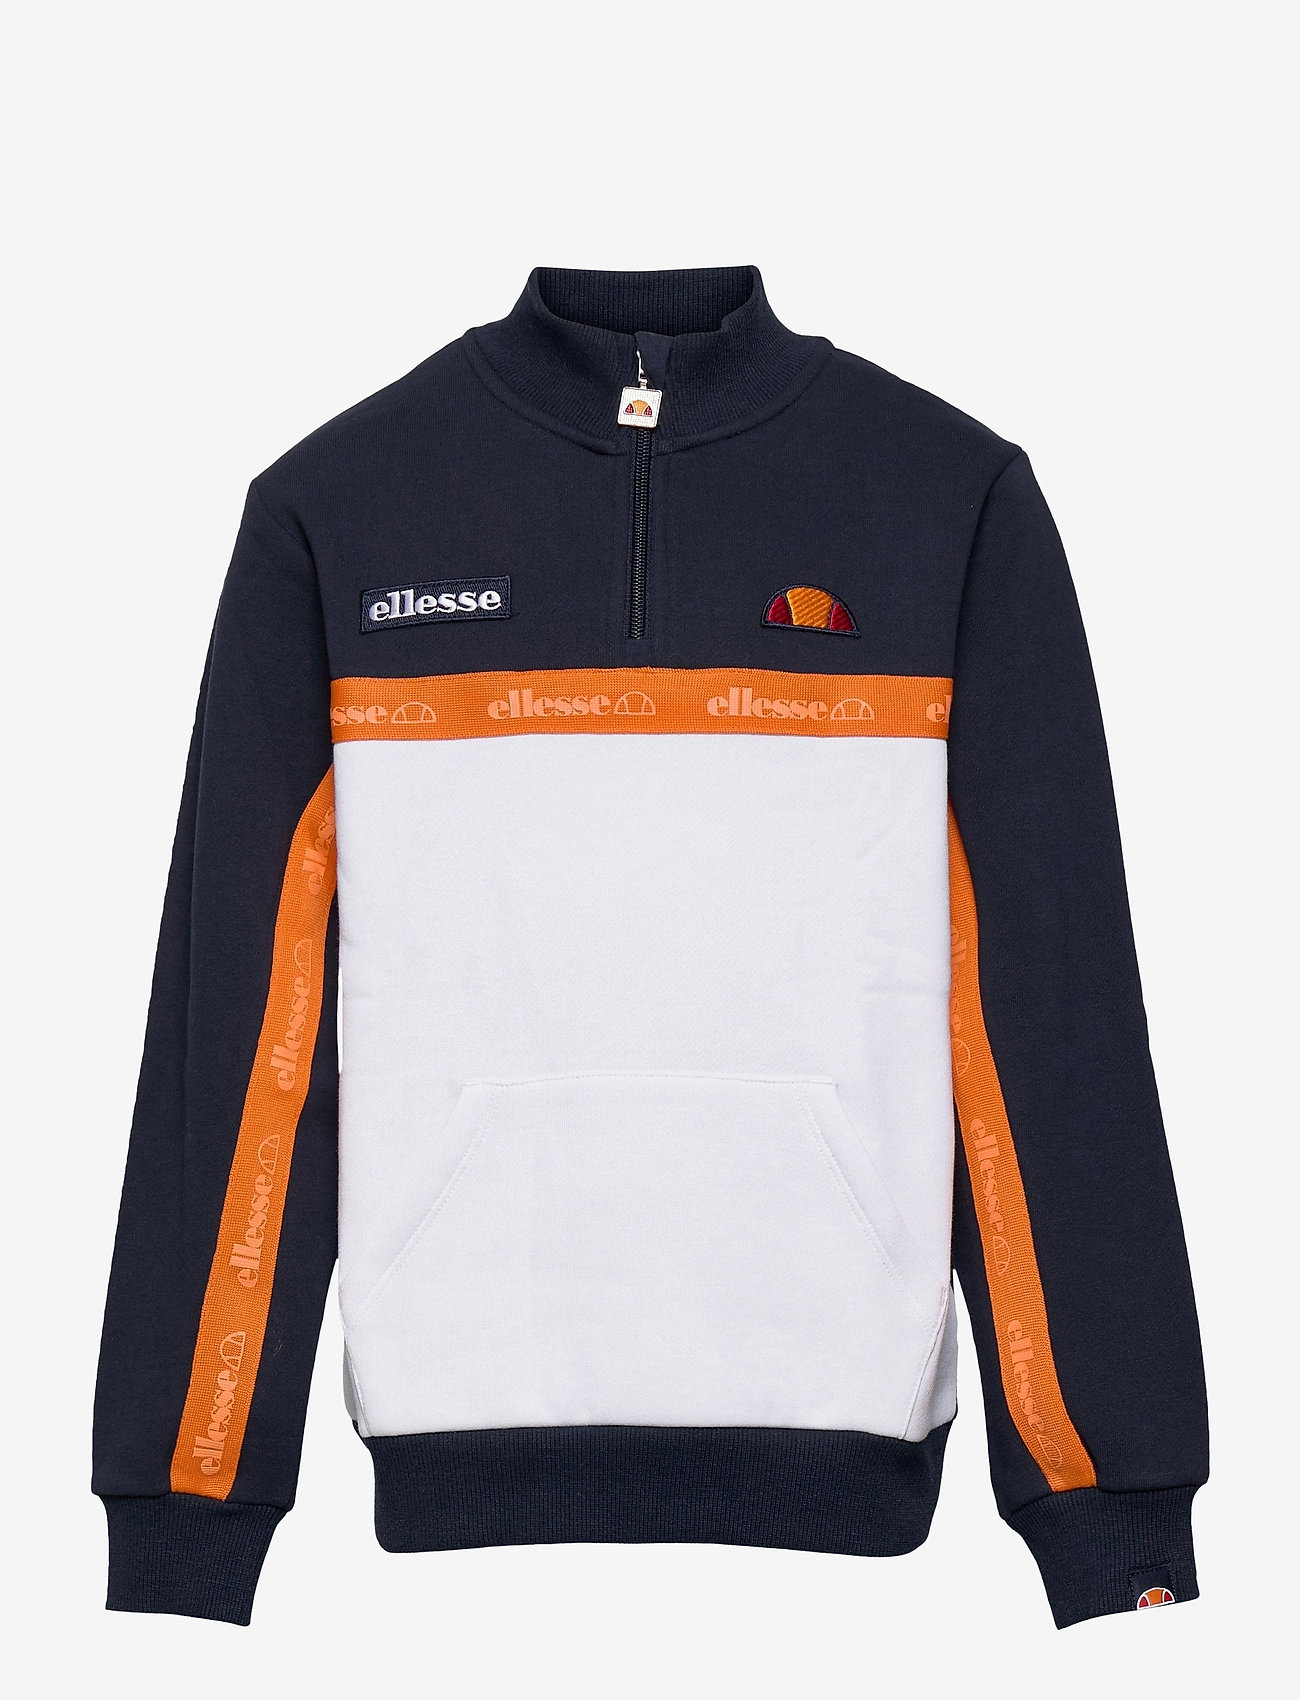 Ellesse - EL TUFFIO JNR 1/2 ZIP TRACK TOP - sweatshirts - navy - 0